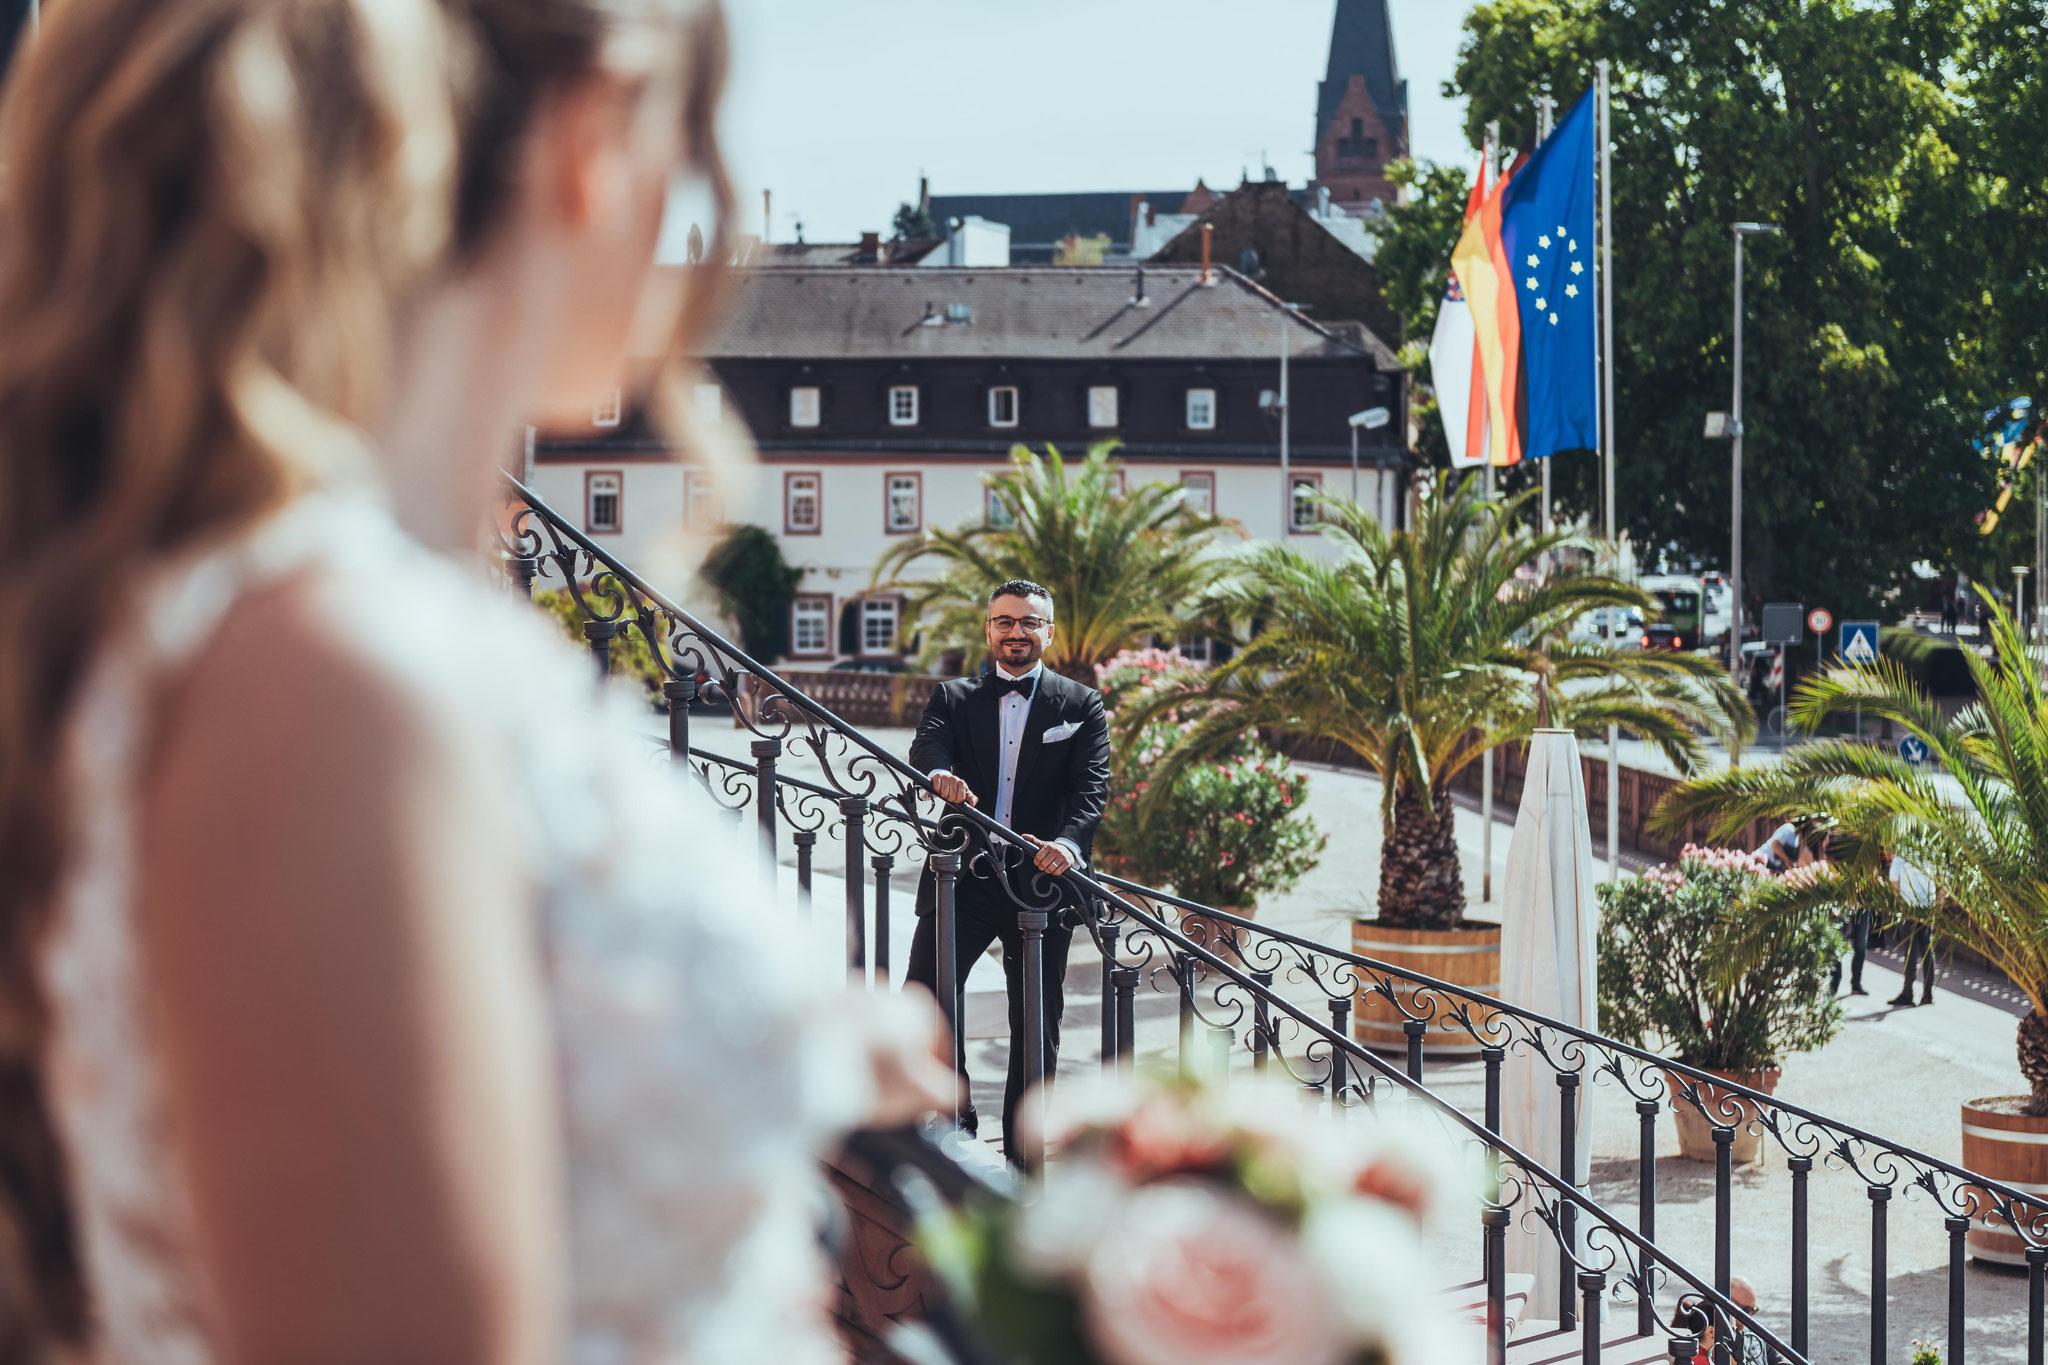 Romantische Aufnahmen von Brautpaaren